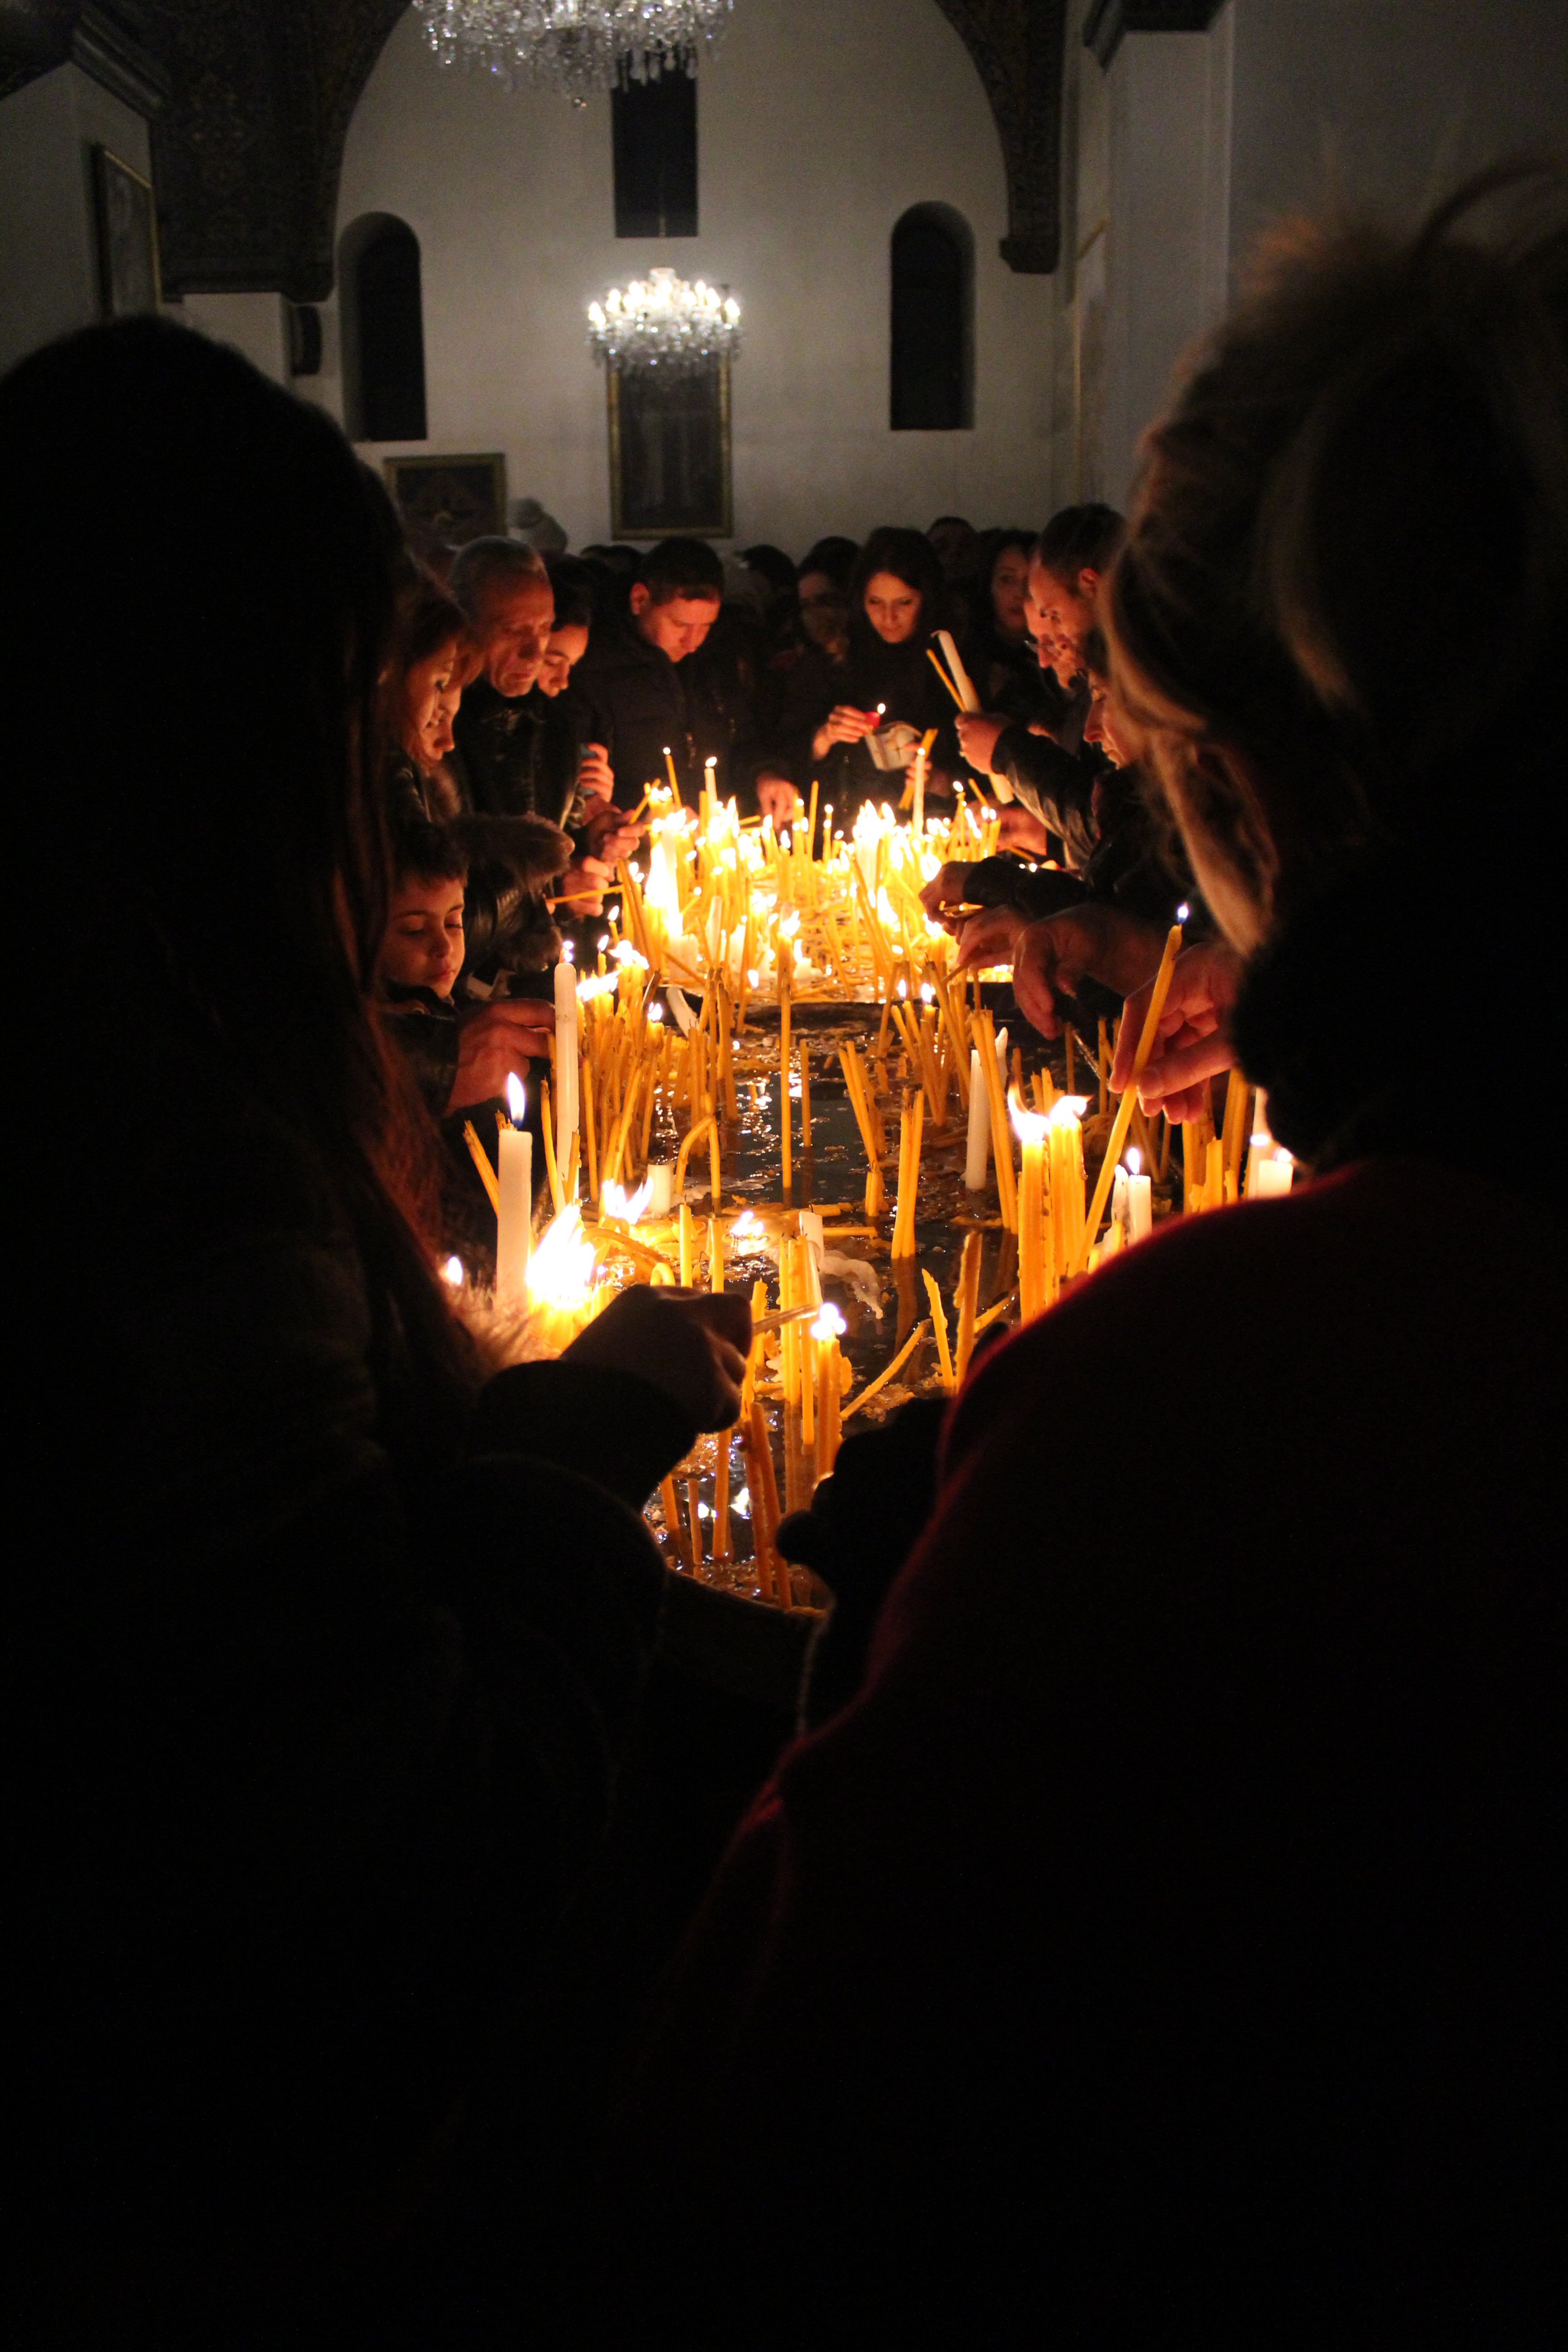 Լուսանկարը՝ Անուշ Հովհաննիսյանի ք. Արմավիր, Արմավիր